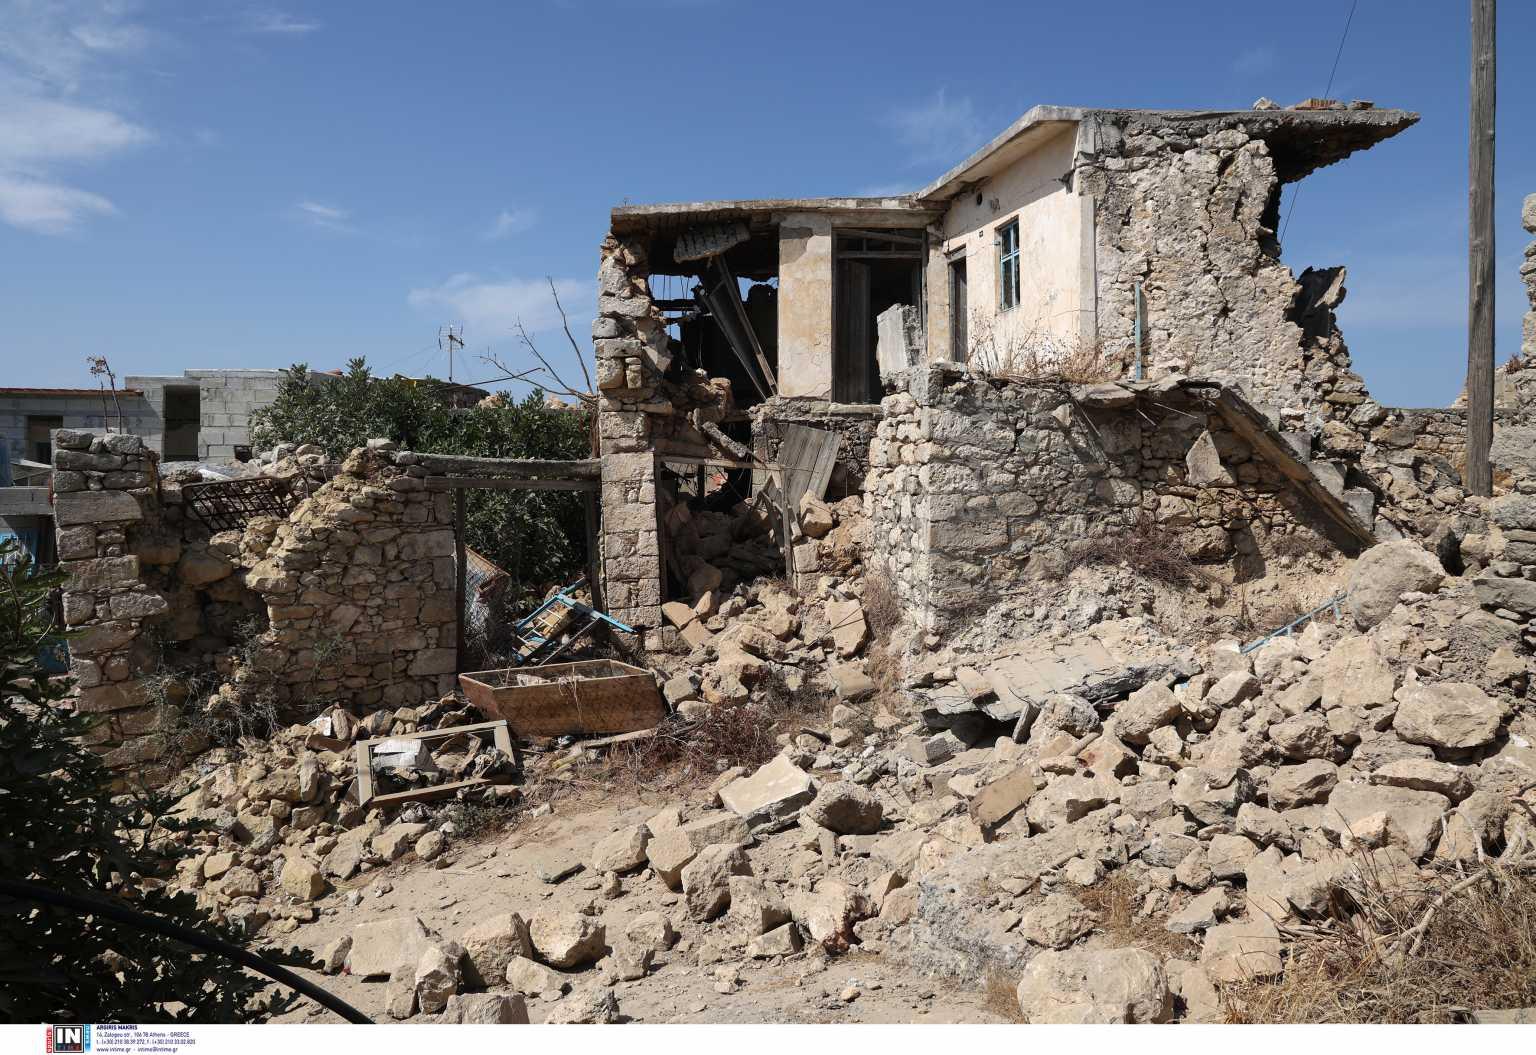 Σεισμός στην Κρήτη: Έγινε αισθητός και στην Αίγυπτο